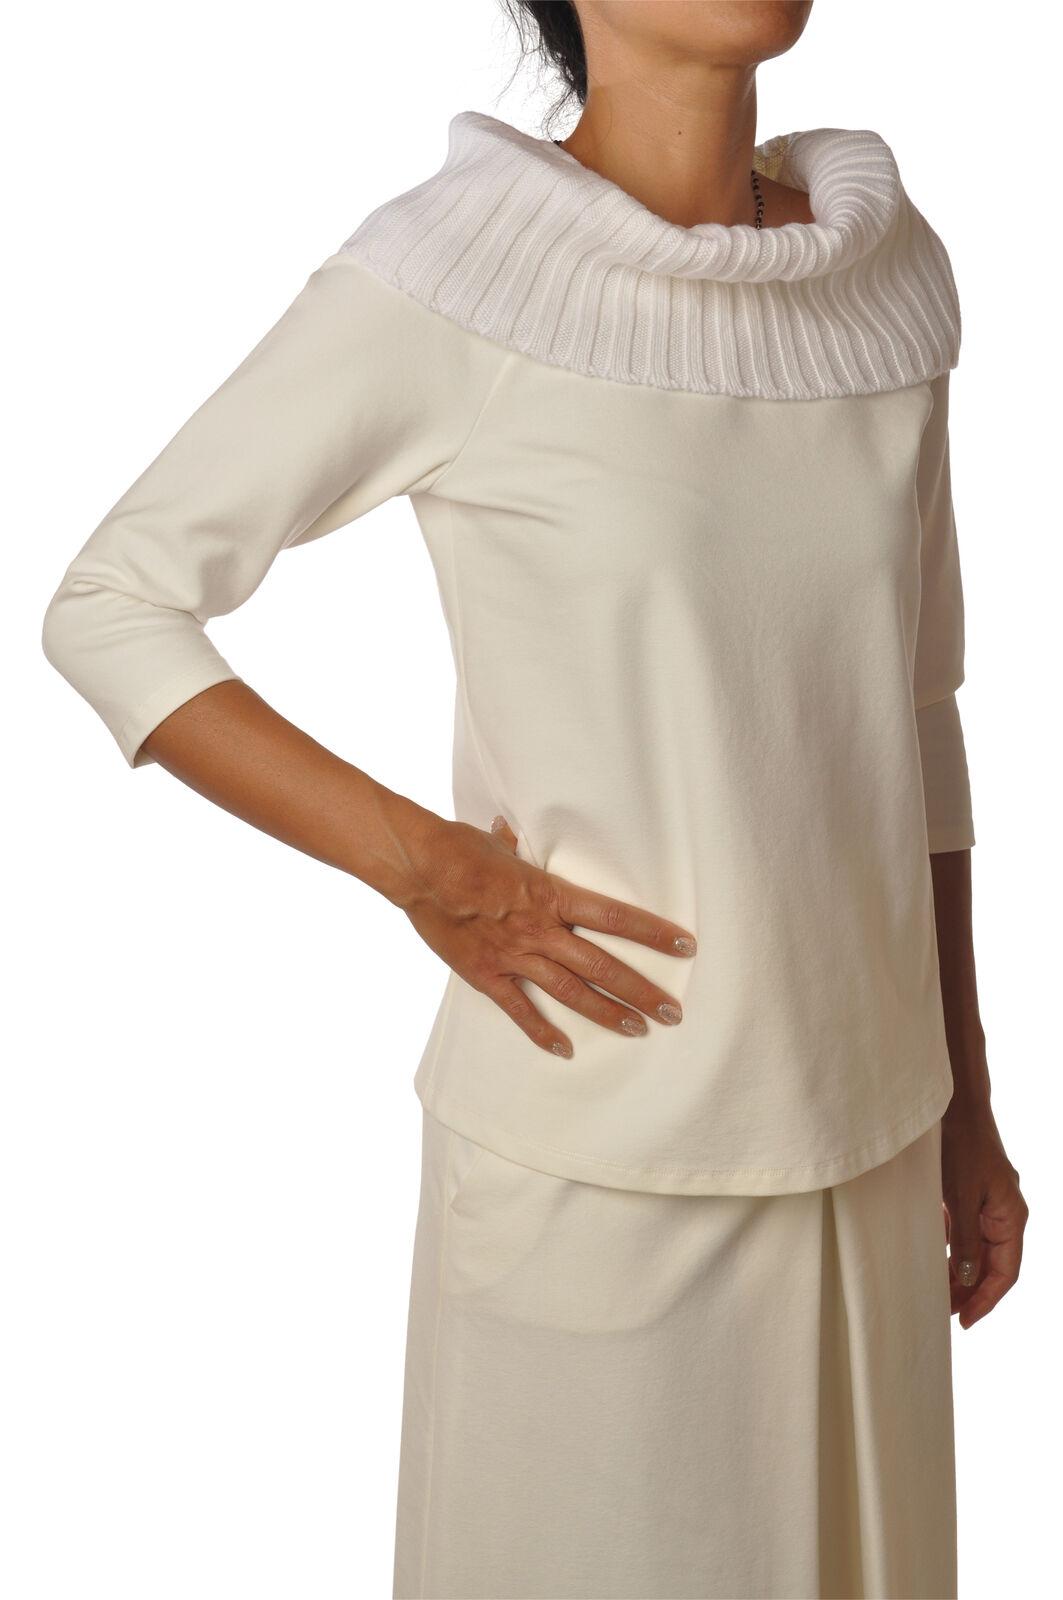 Twin Set - Shirts-Blouses - Woman - White - 5506107C194642